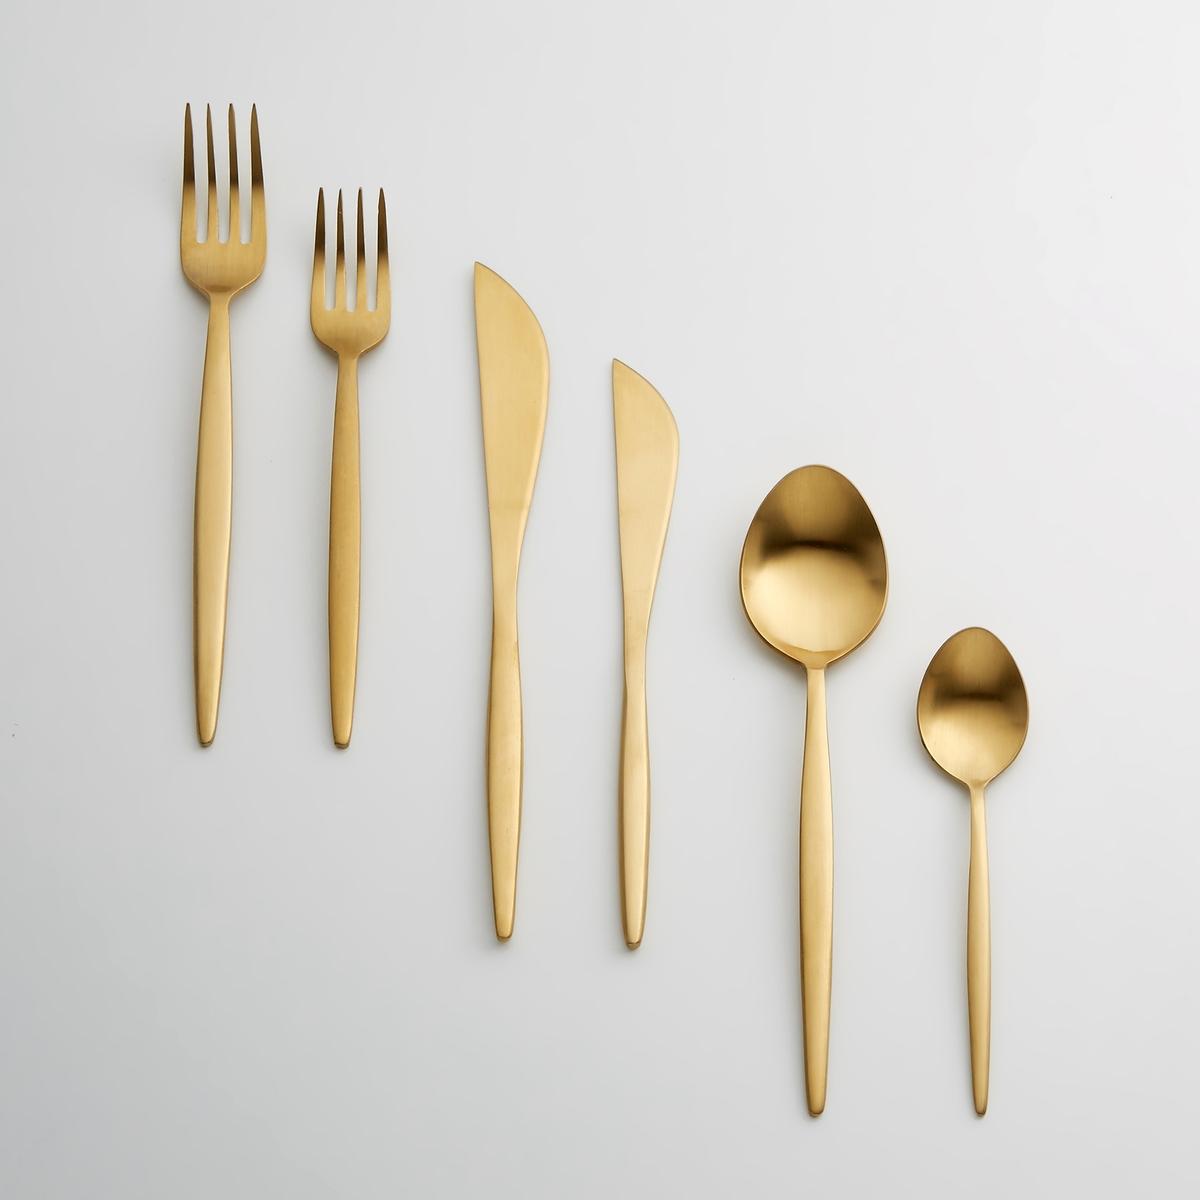 4 ножа десертных Menella4 ножа десертных Menella . Для элегантного и яркого стола… Из нержавеющей стали с золотистой отделкой  . Можно мыть в посудомоечной машине.<br><br>Цвет: золотистый